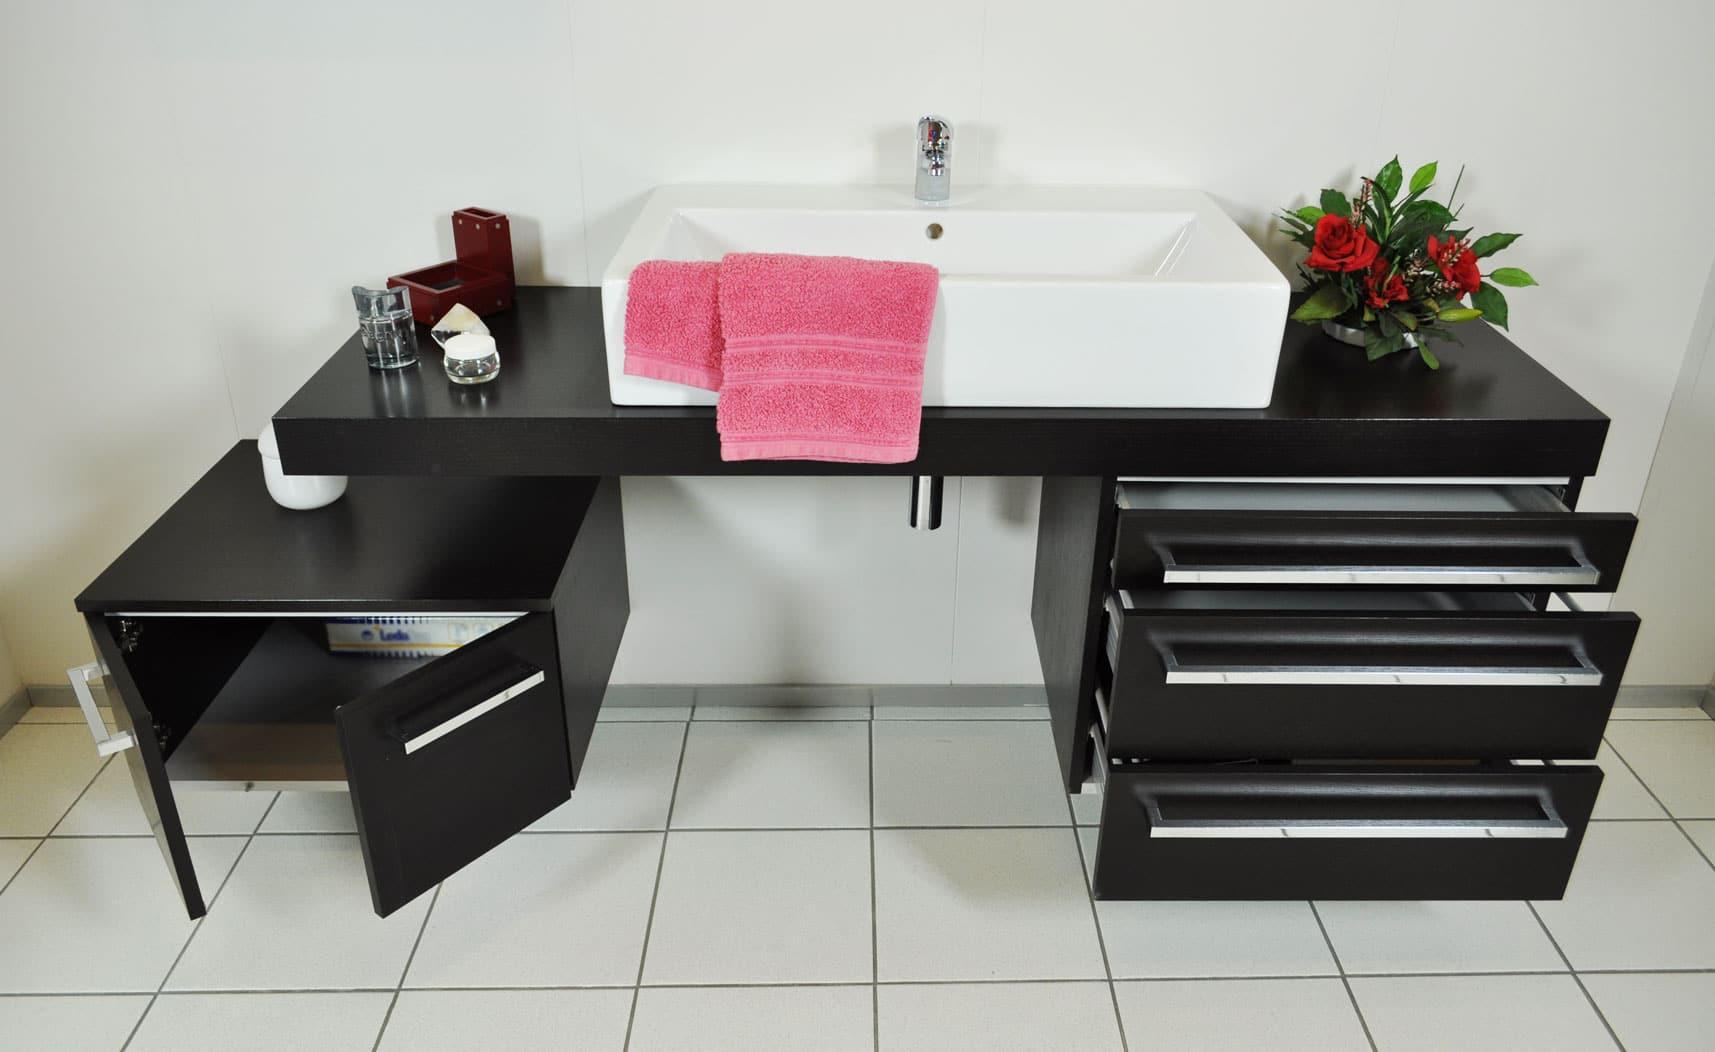 Arredalcasa - L\'arredamento di qualità nel più grande showroom di Torino